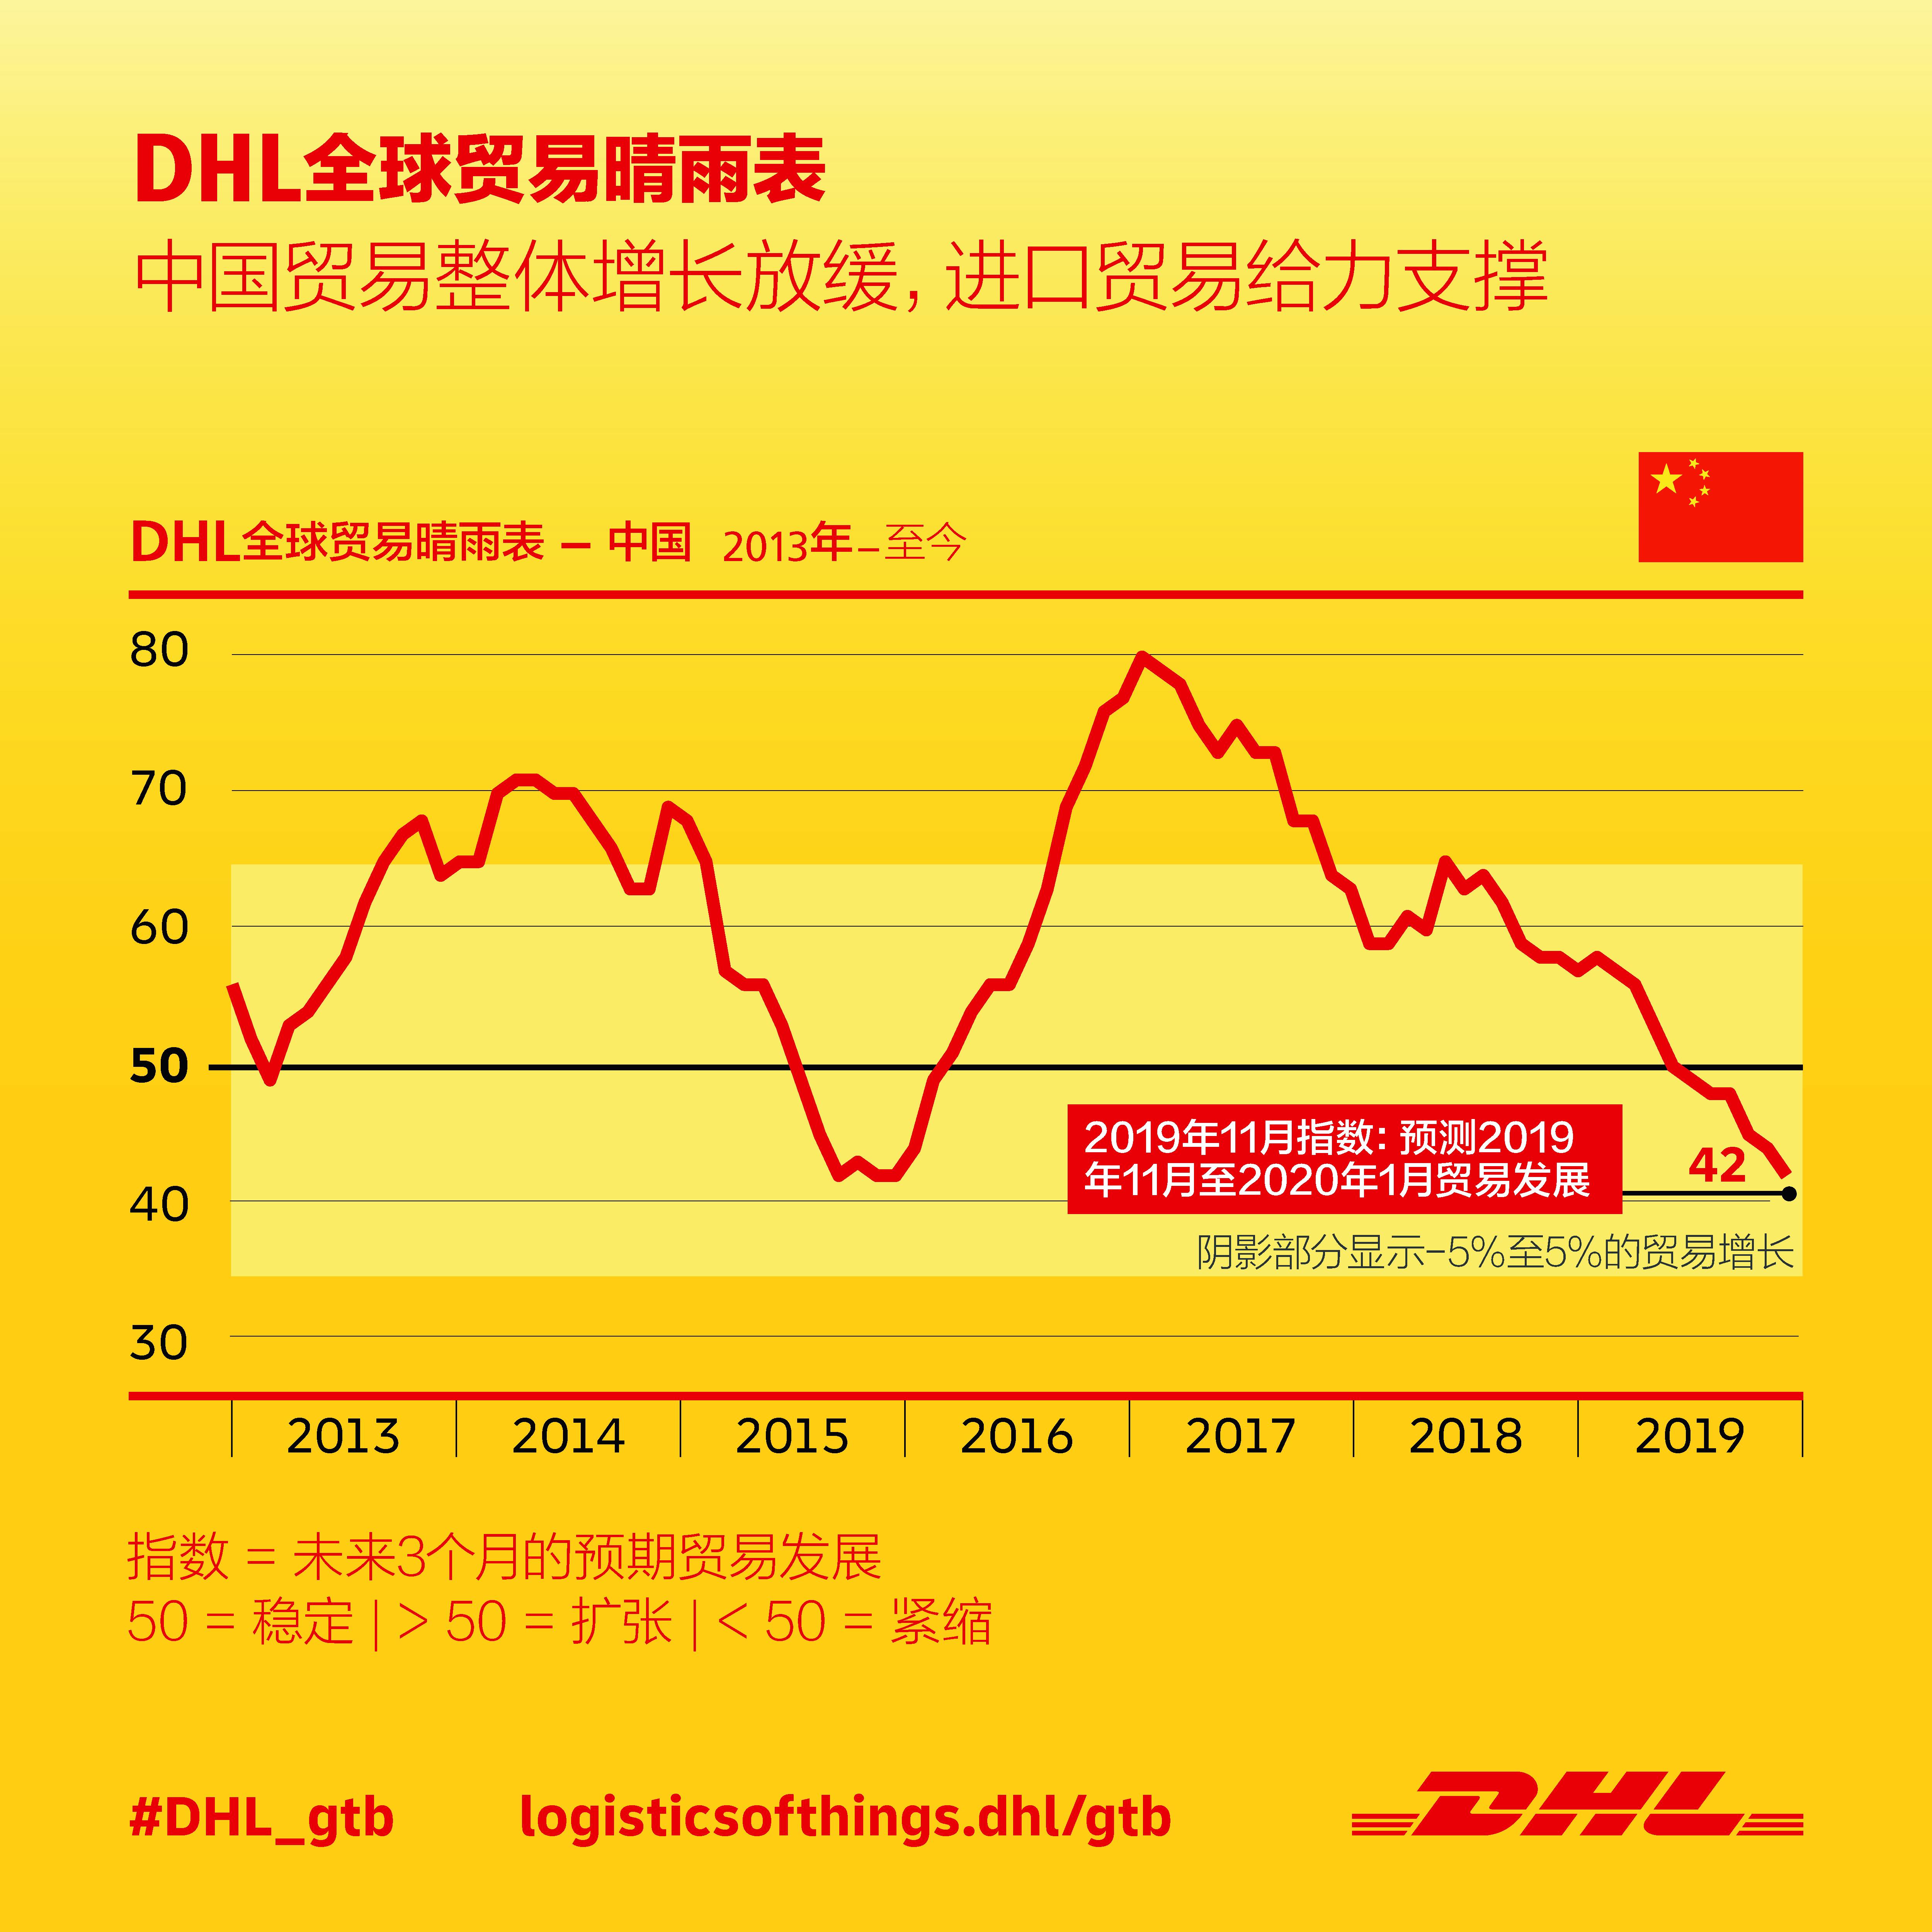 中国贸易整体增长放缓,进口贸易给力支撑